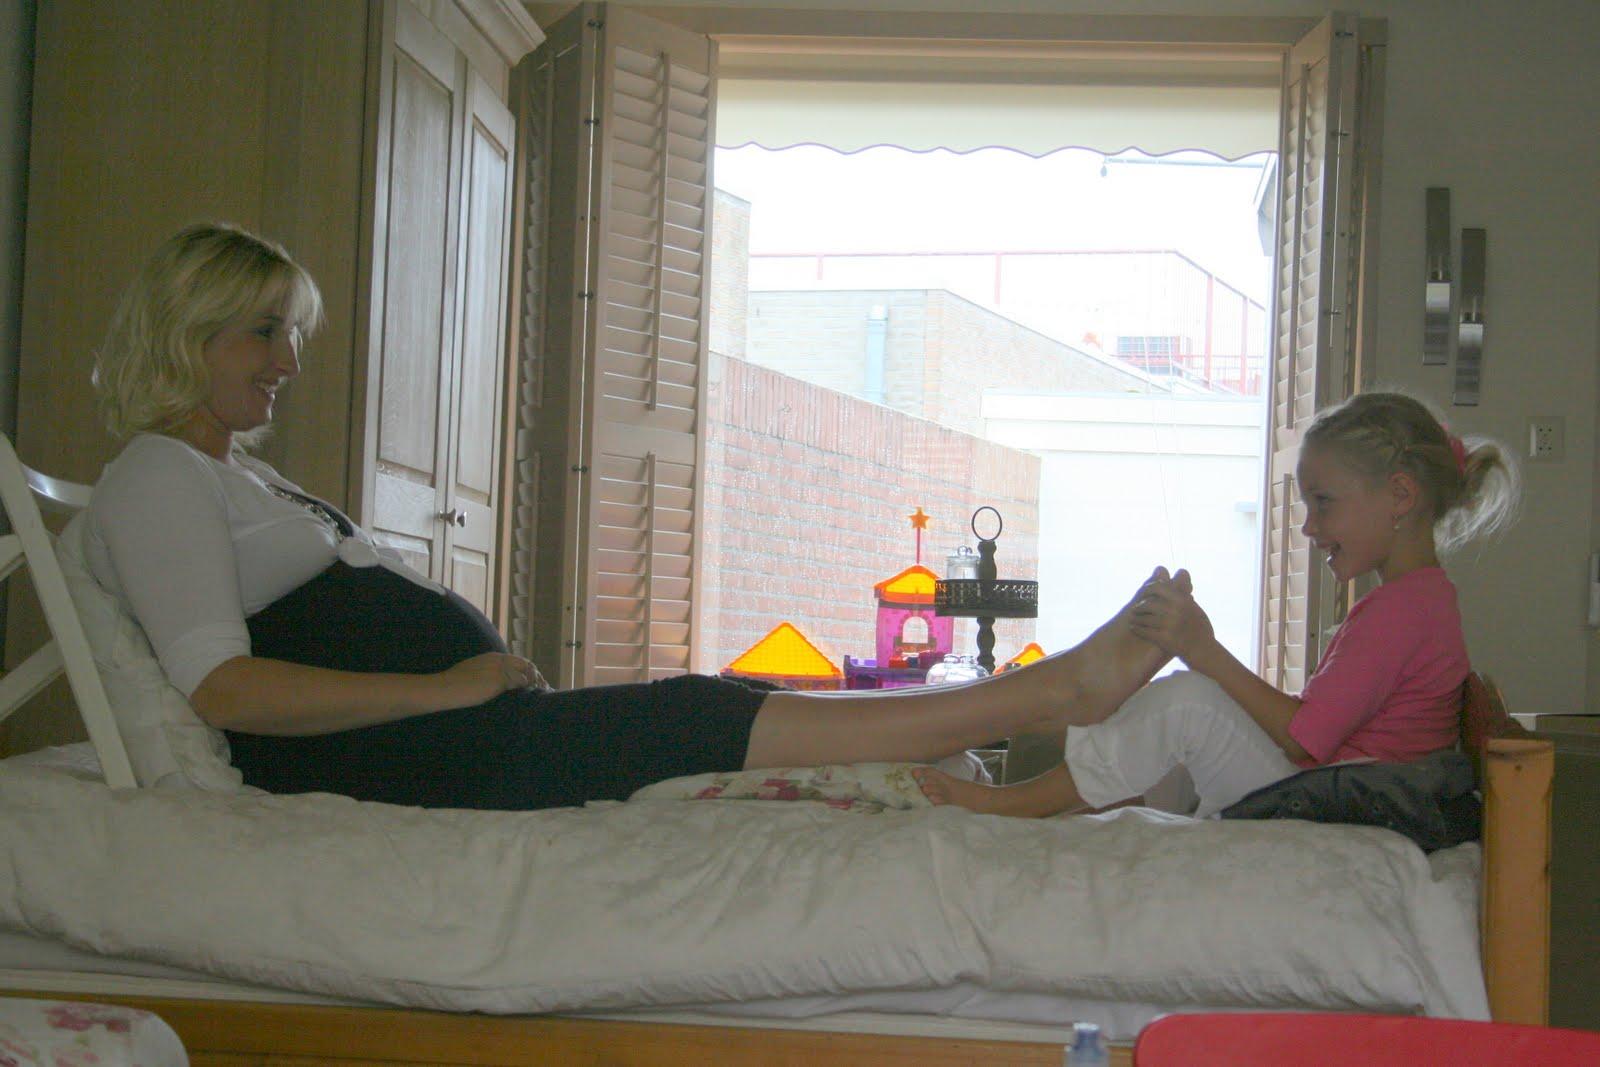 lang massage handjob in de buurt Monnickendam